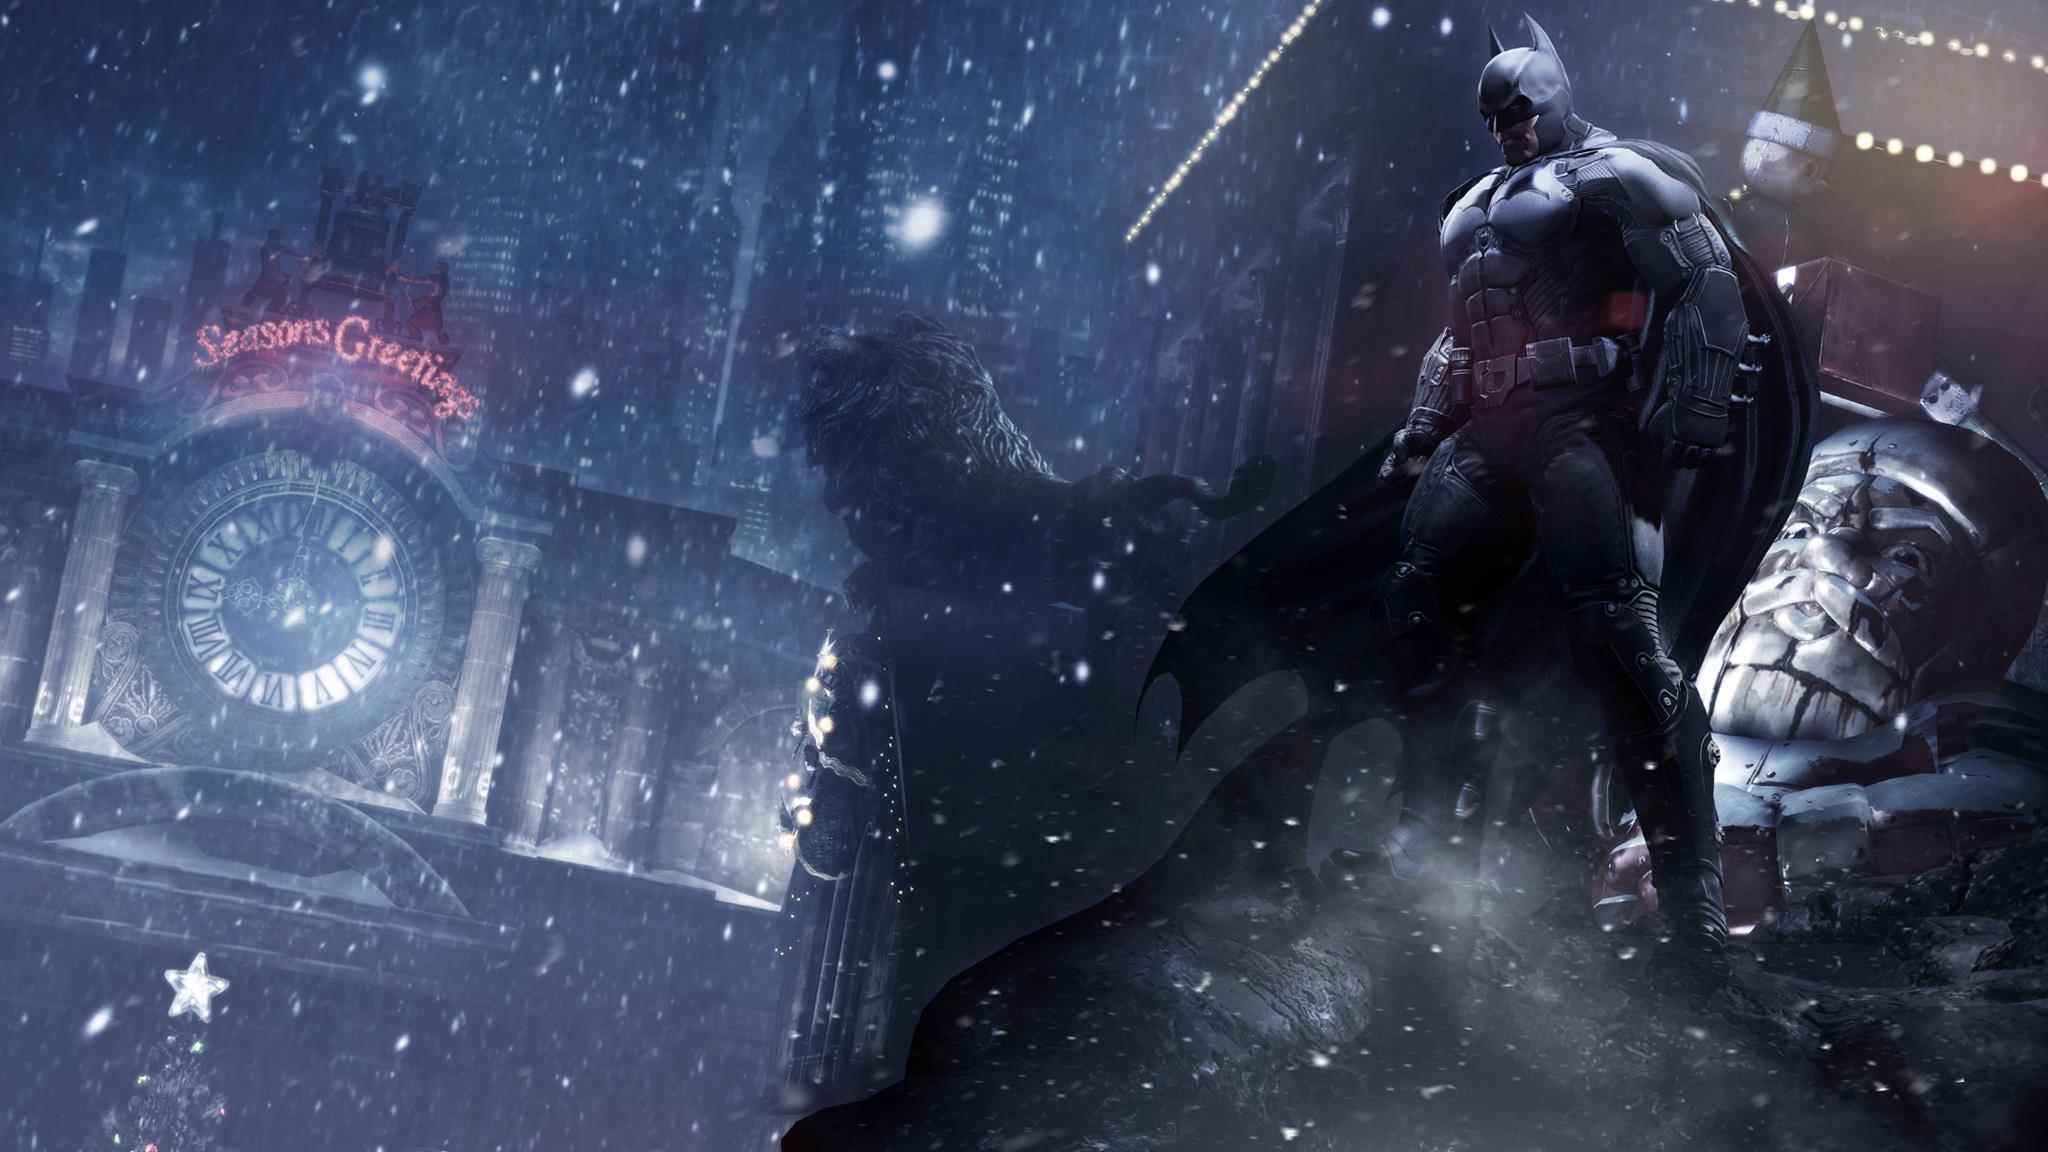 Batman Arkham Origins Wallpapers - Wallpaper Cave